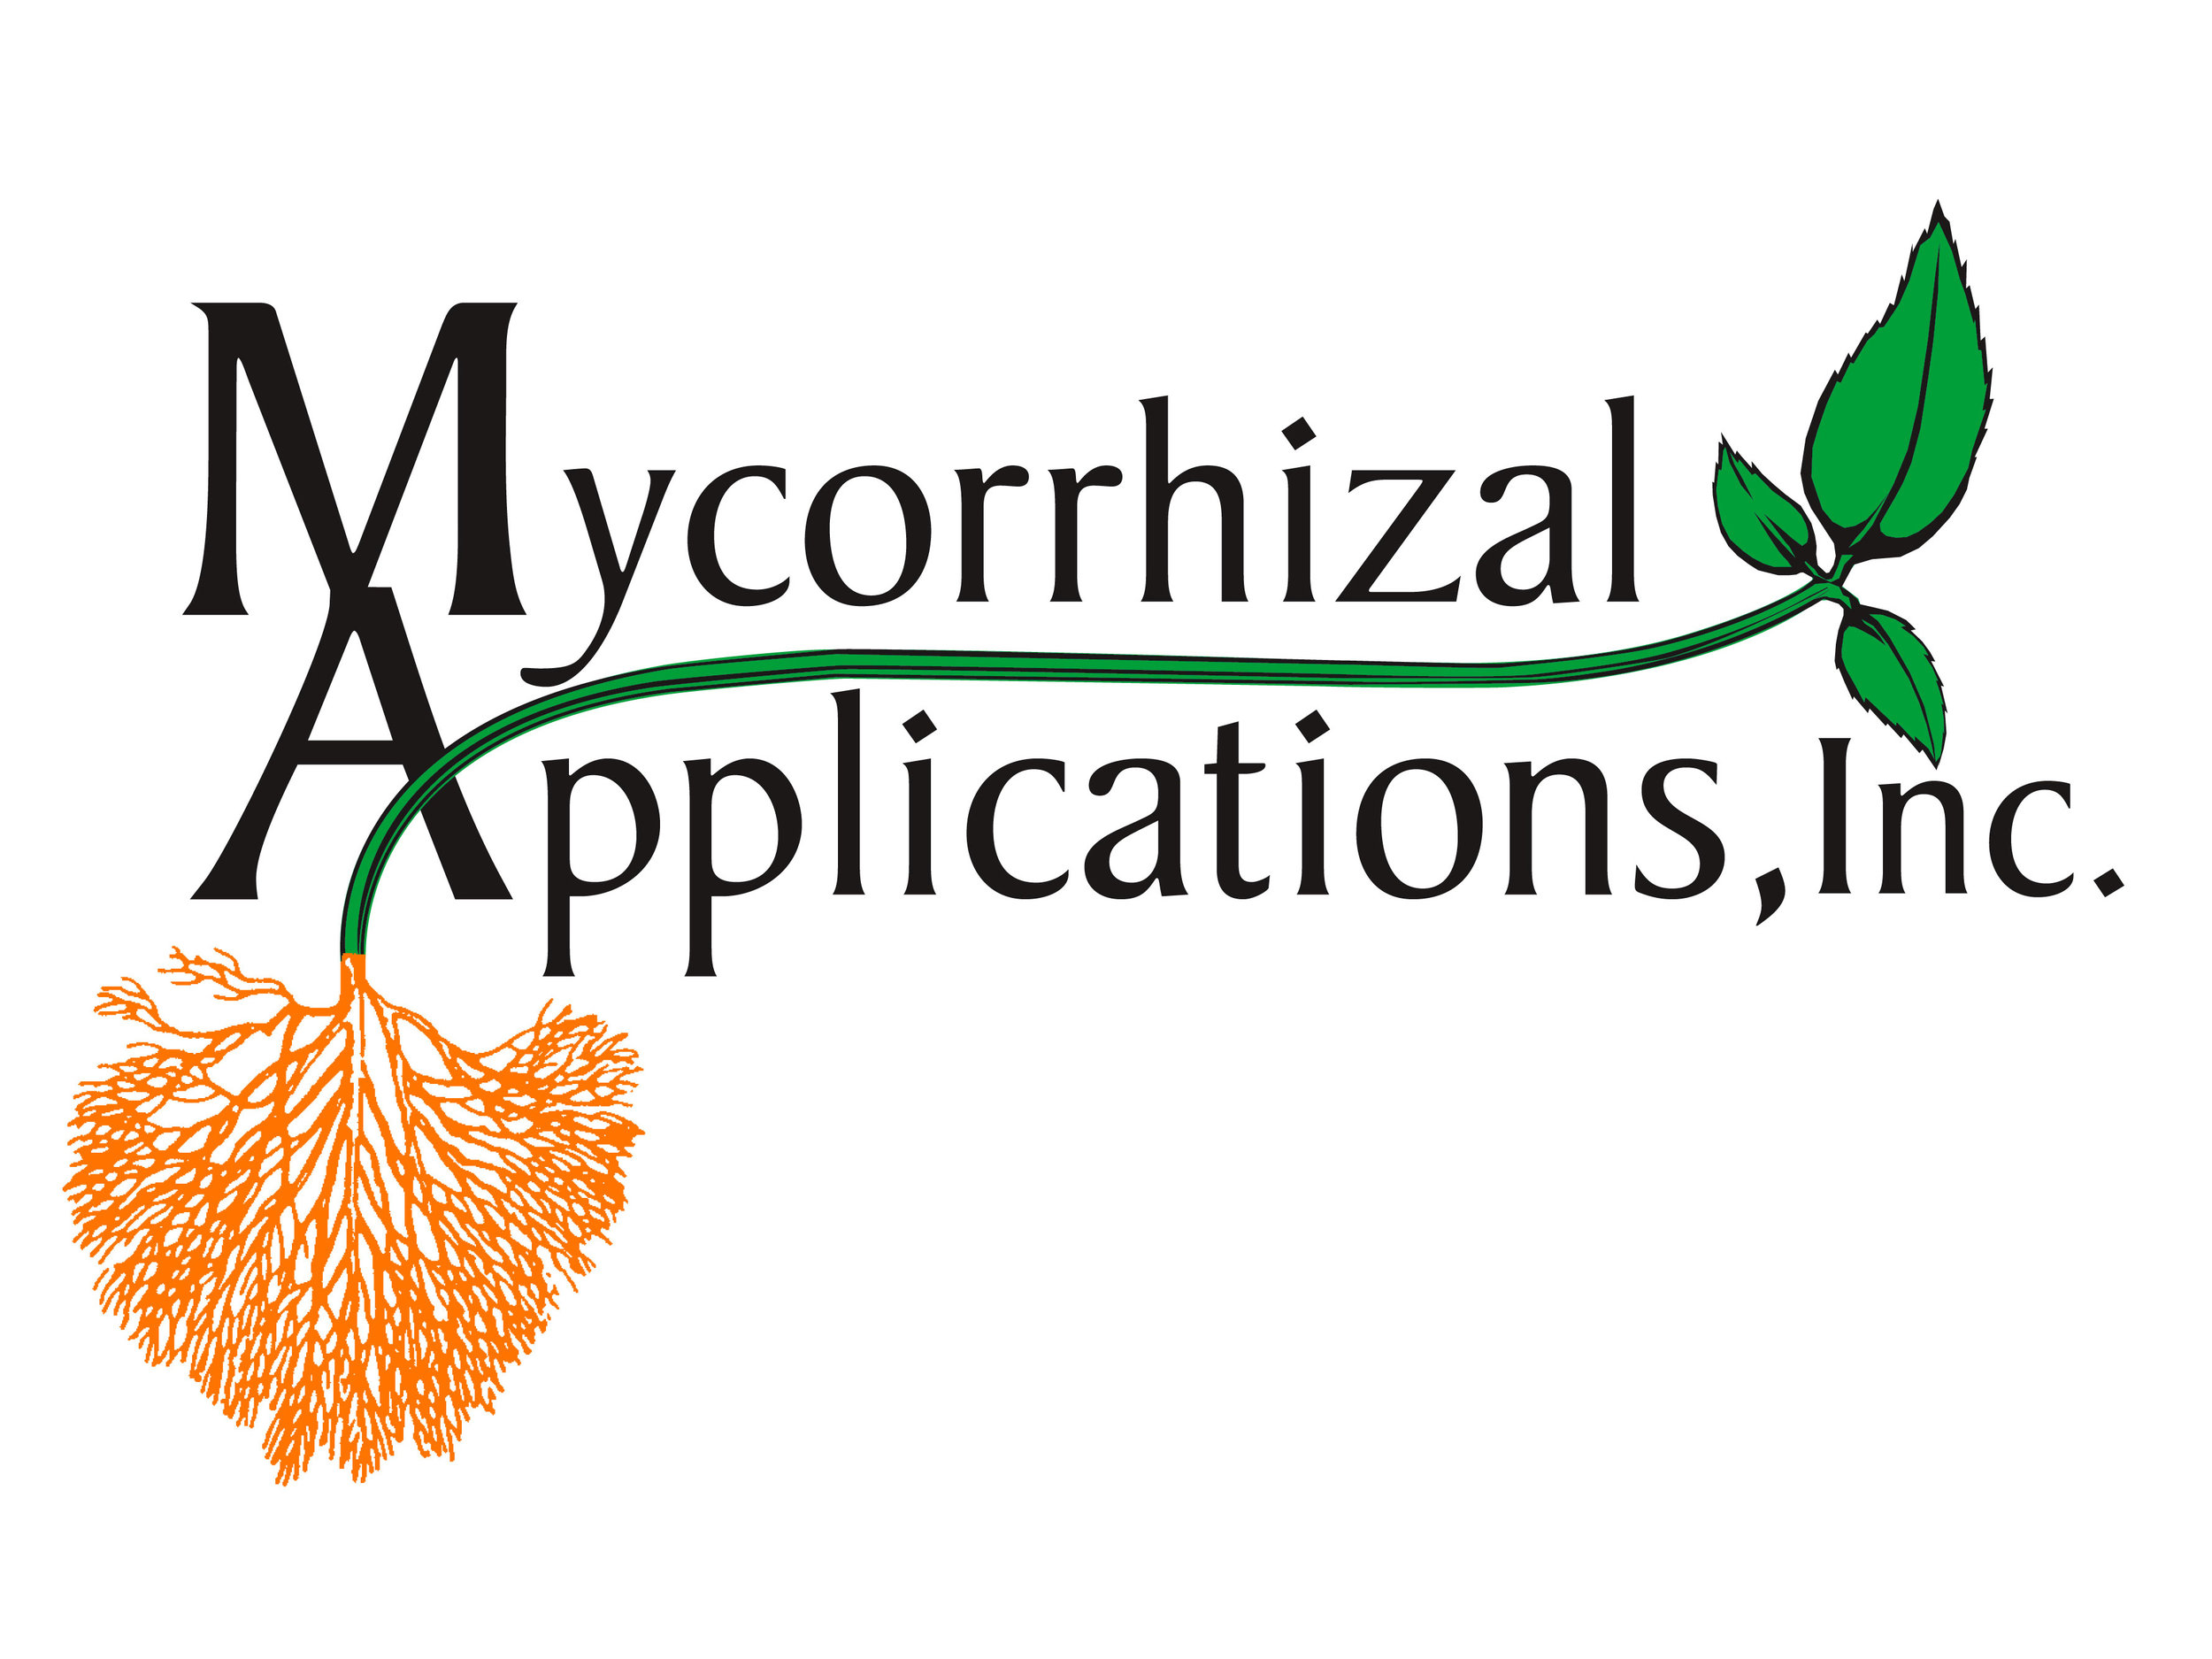 Mycorrhizal Applications Inc  Logo High Resolution.jpg